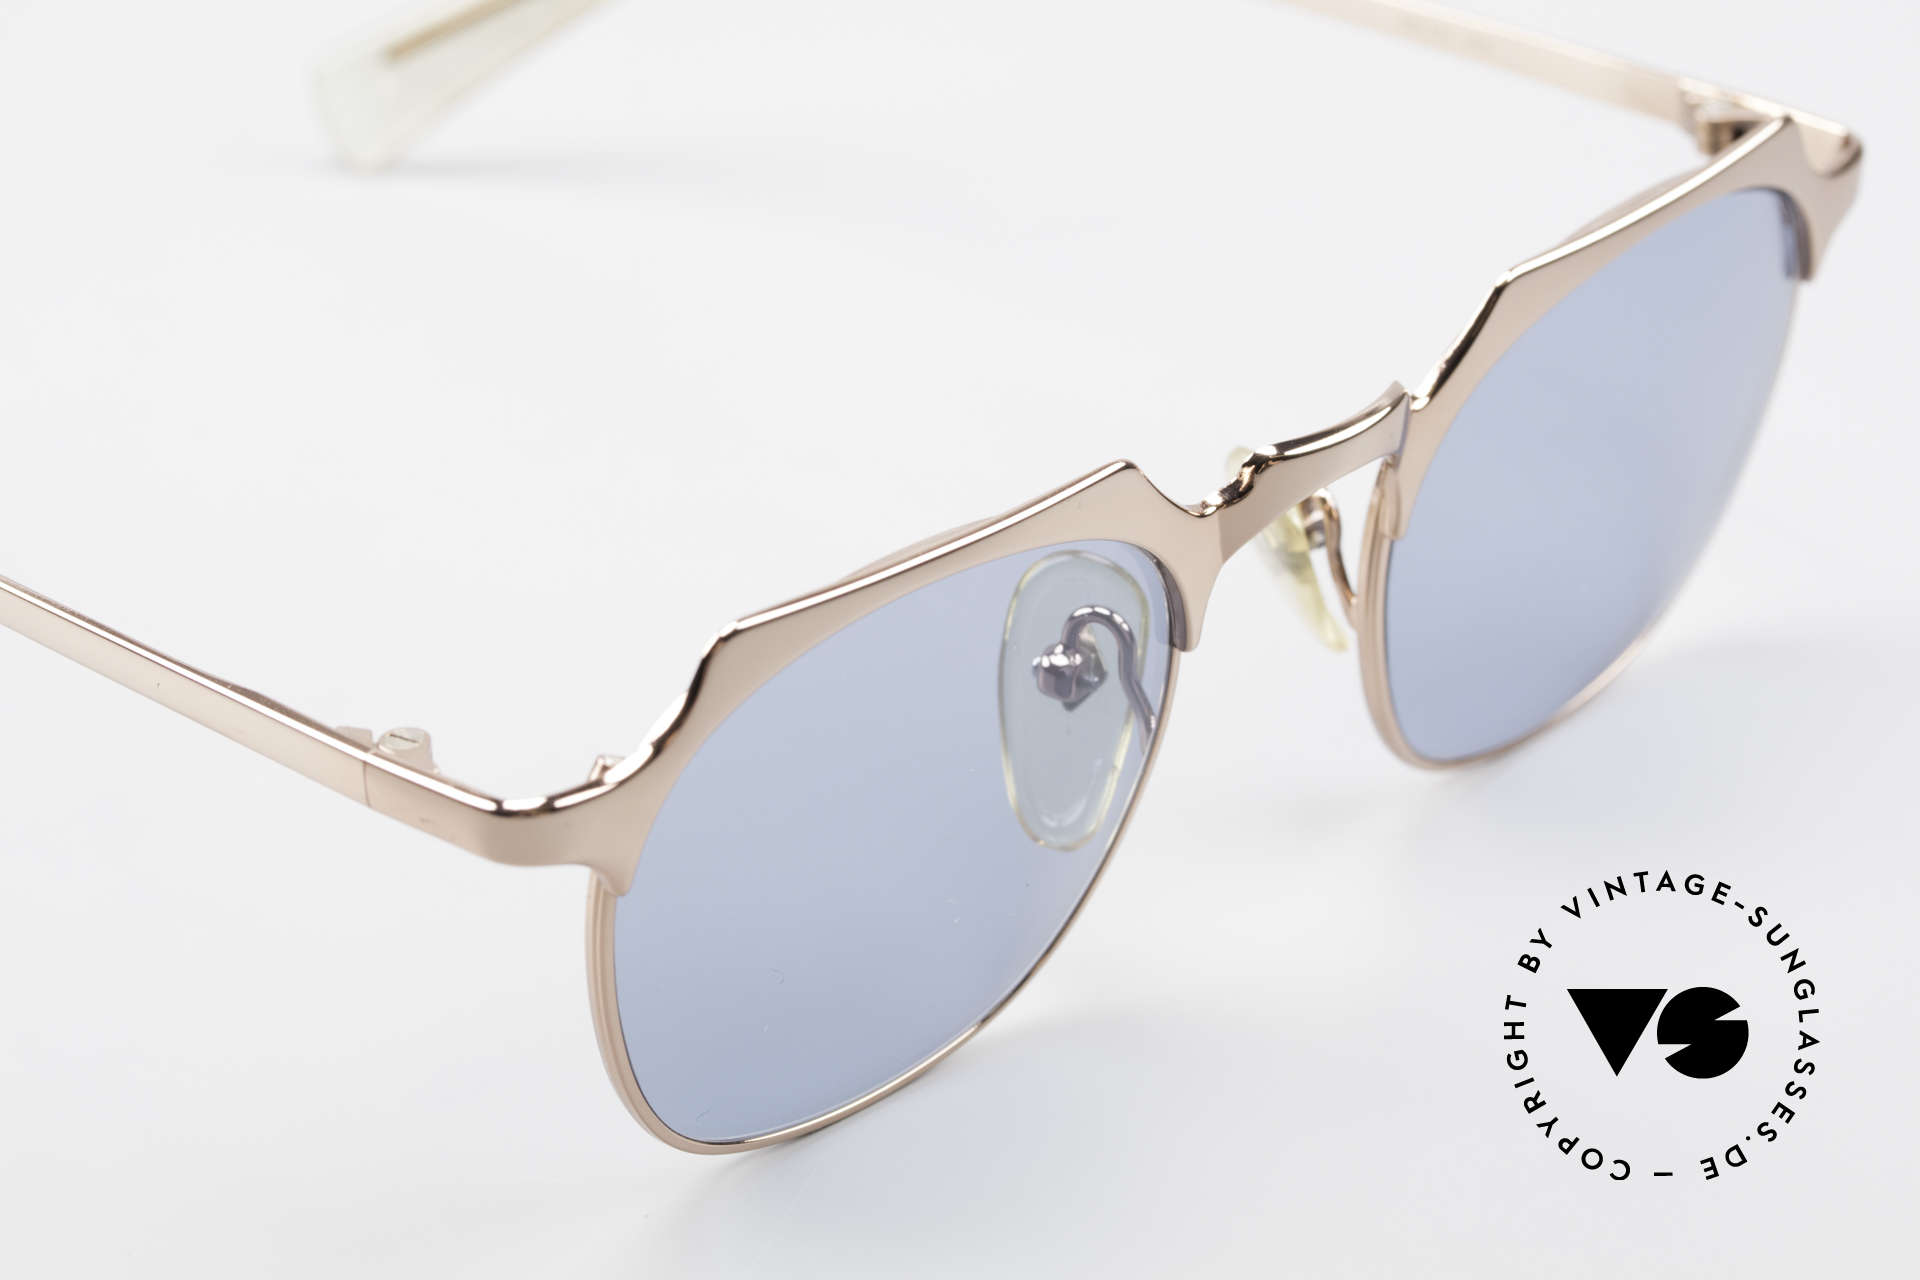 Jean Paul Gaultier 57-0171 Panto Designer Sonnenbrille, KEINE Retromode; ein ca. 25 Jahre altes Original!, Passend für Herren und Damen